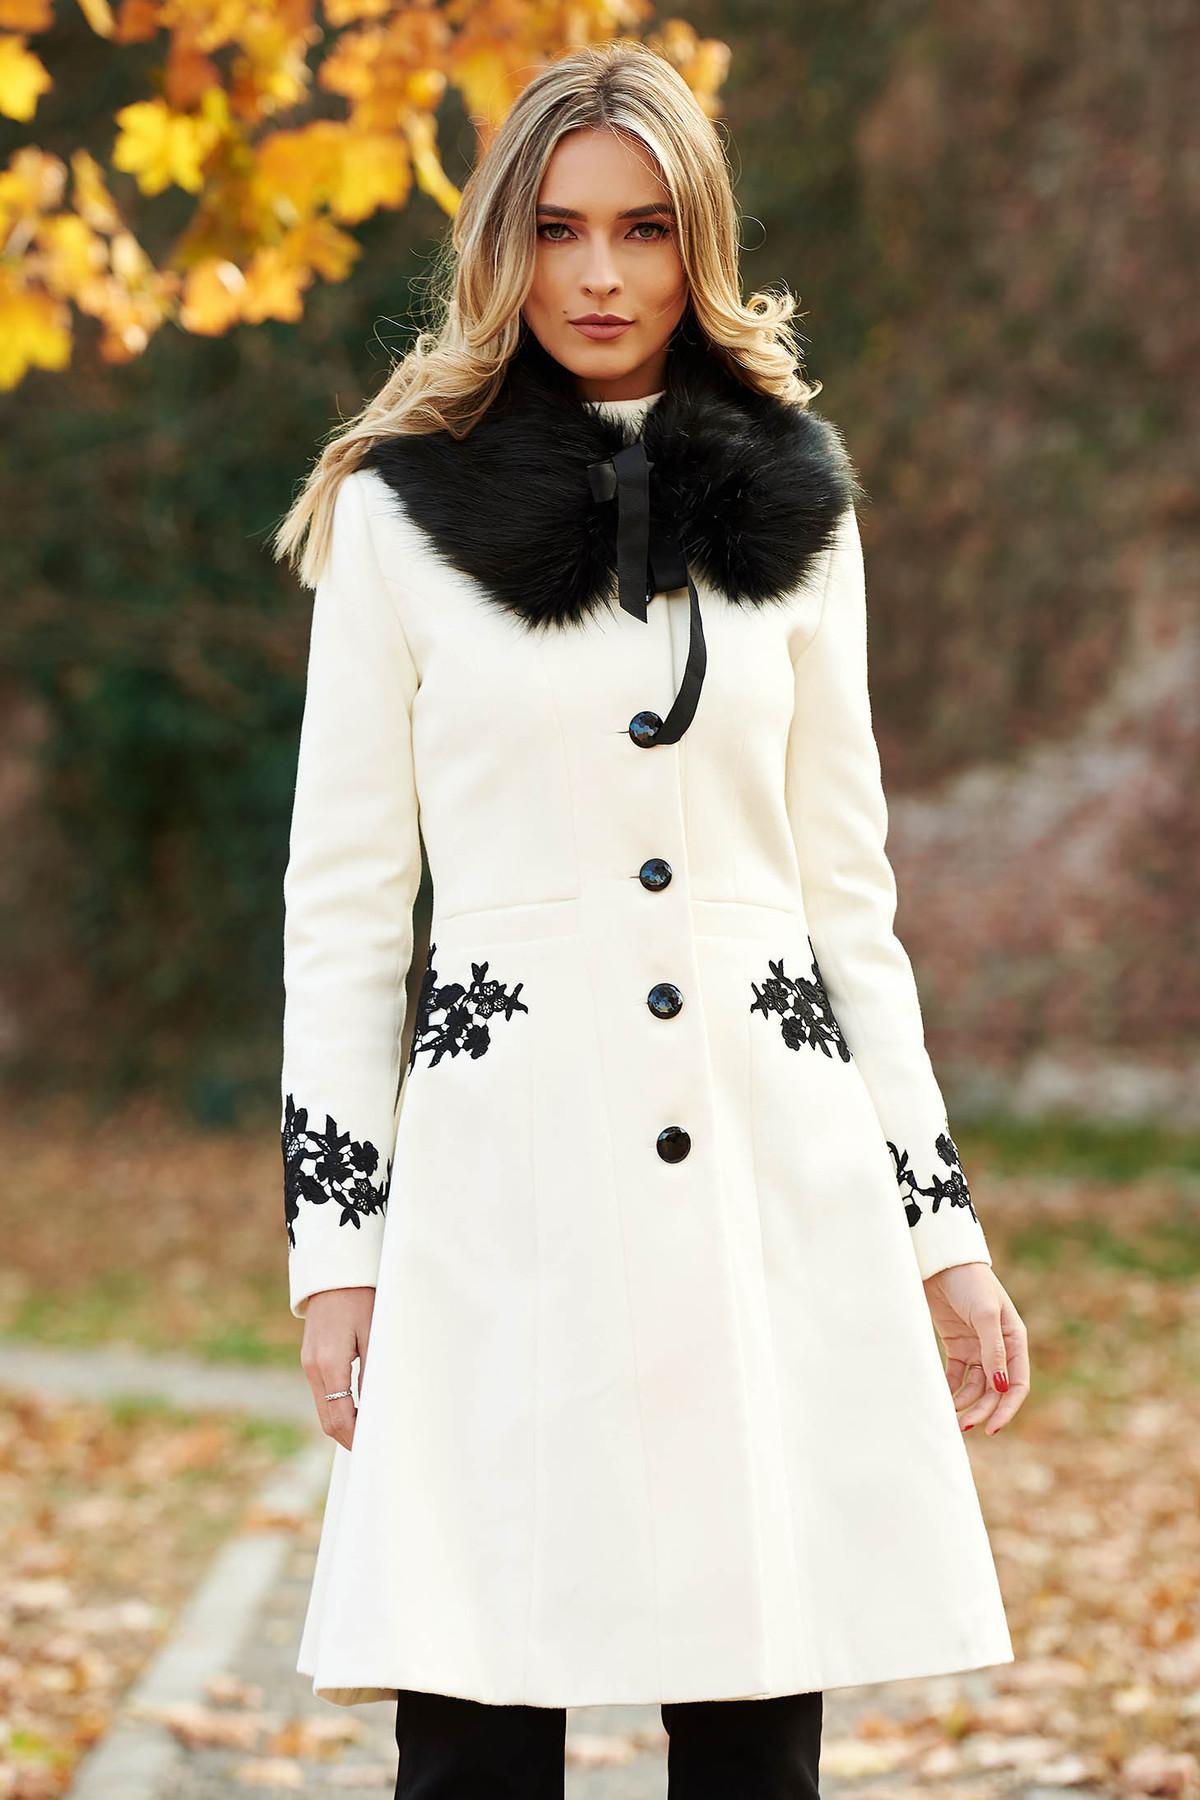 dd6b883ac2 Fehér LaDonna best impulse elegáns hímzett gyapjú belső béléssel nagykabát